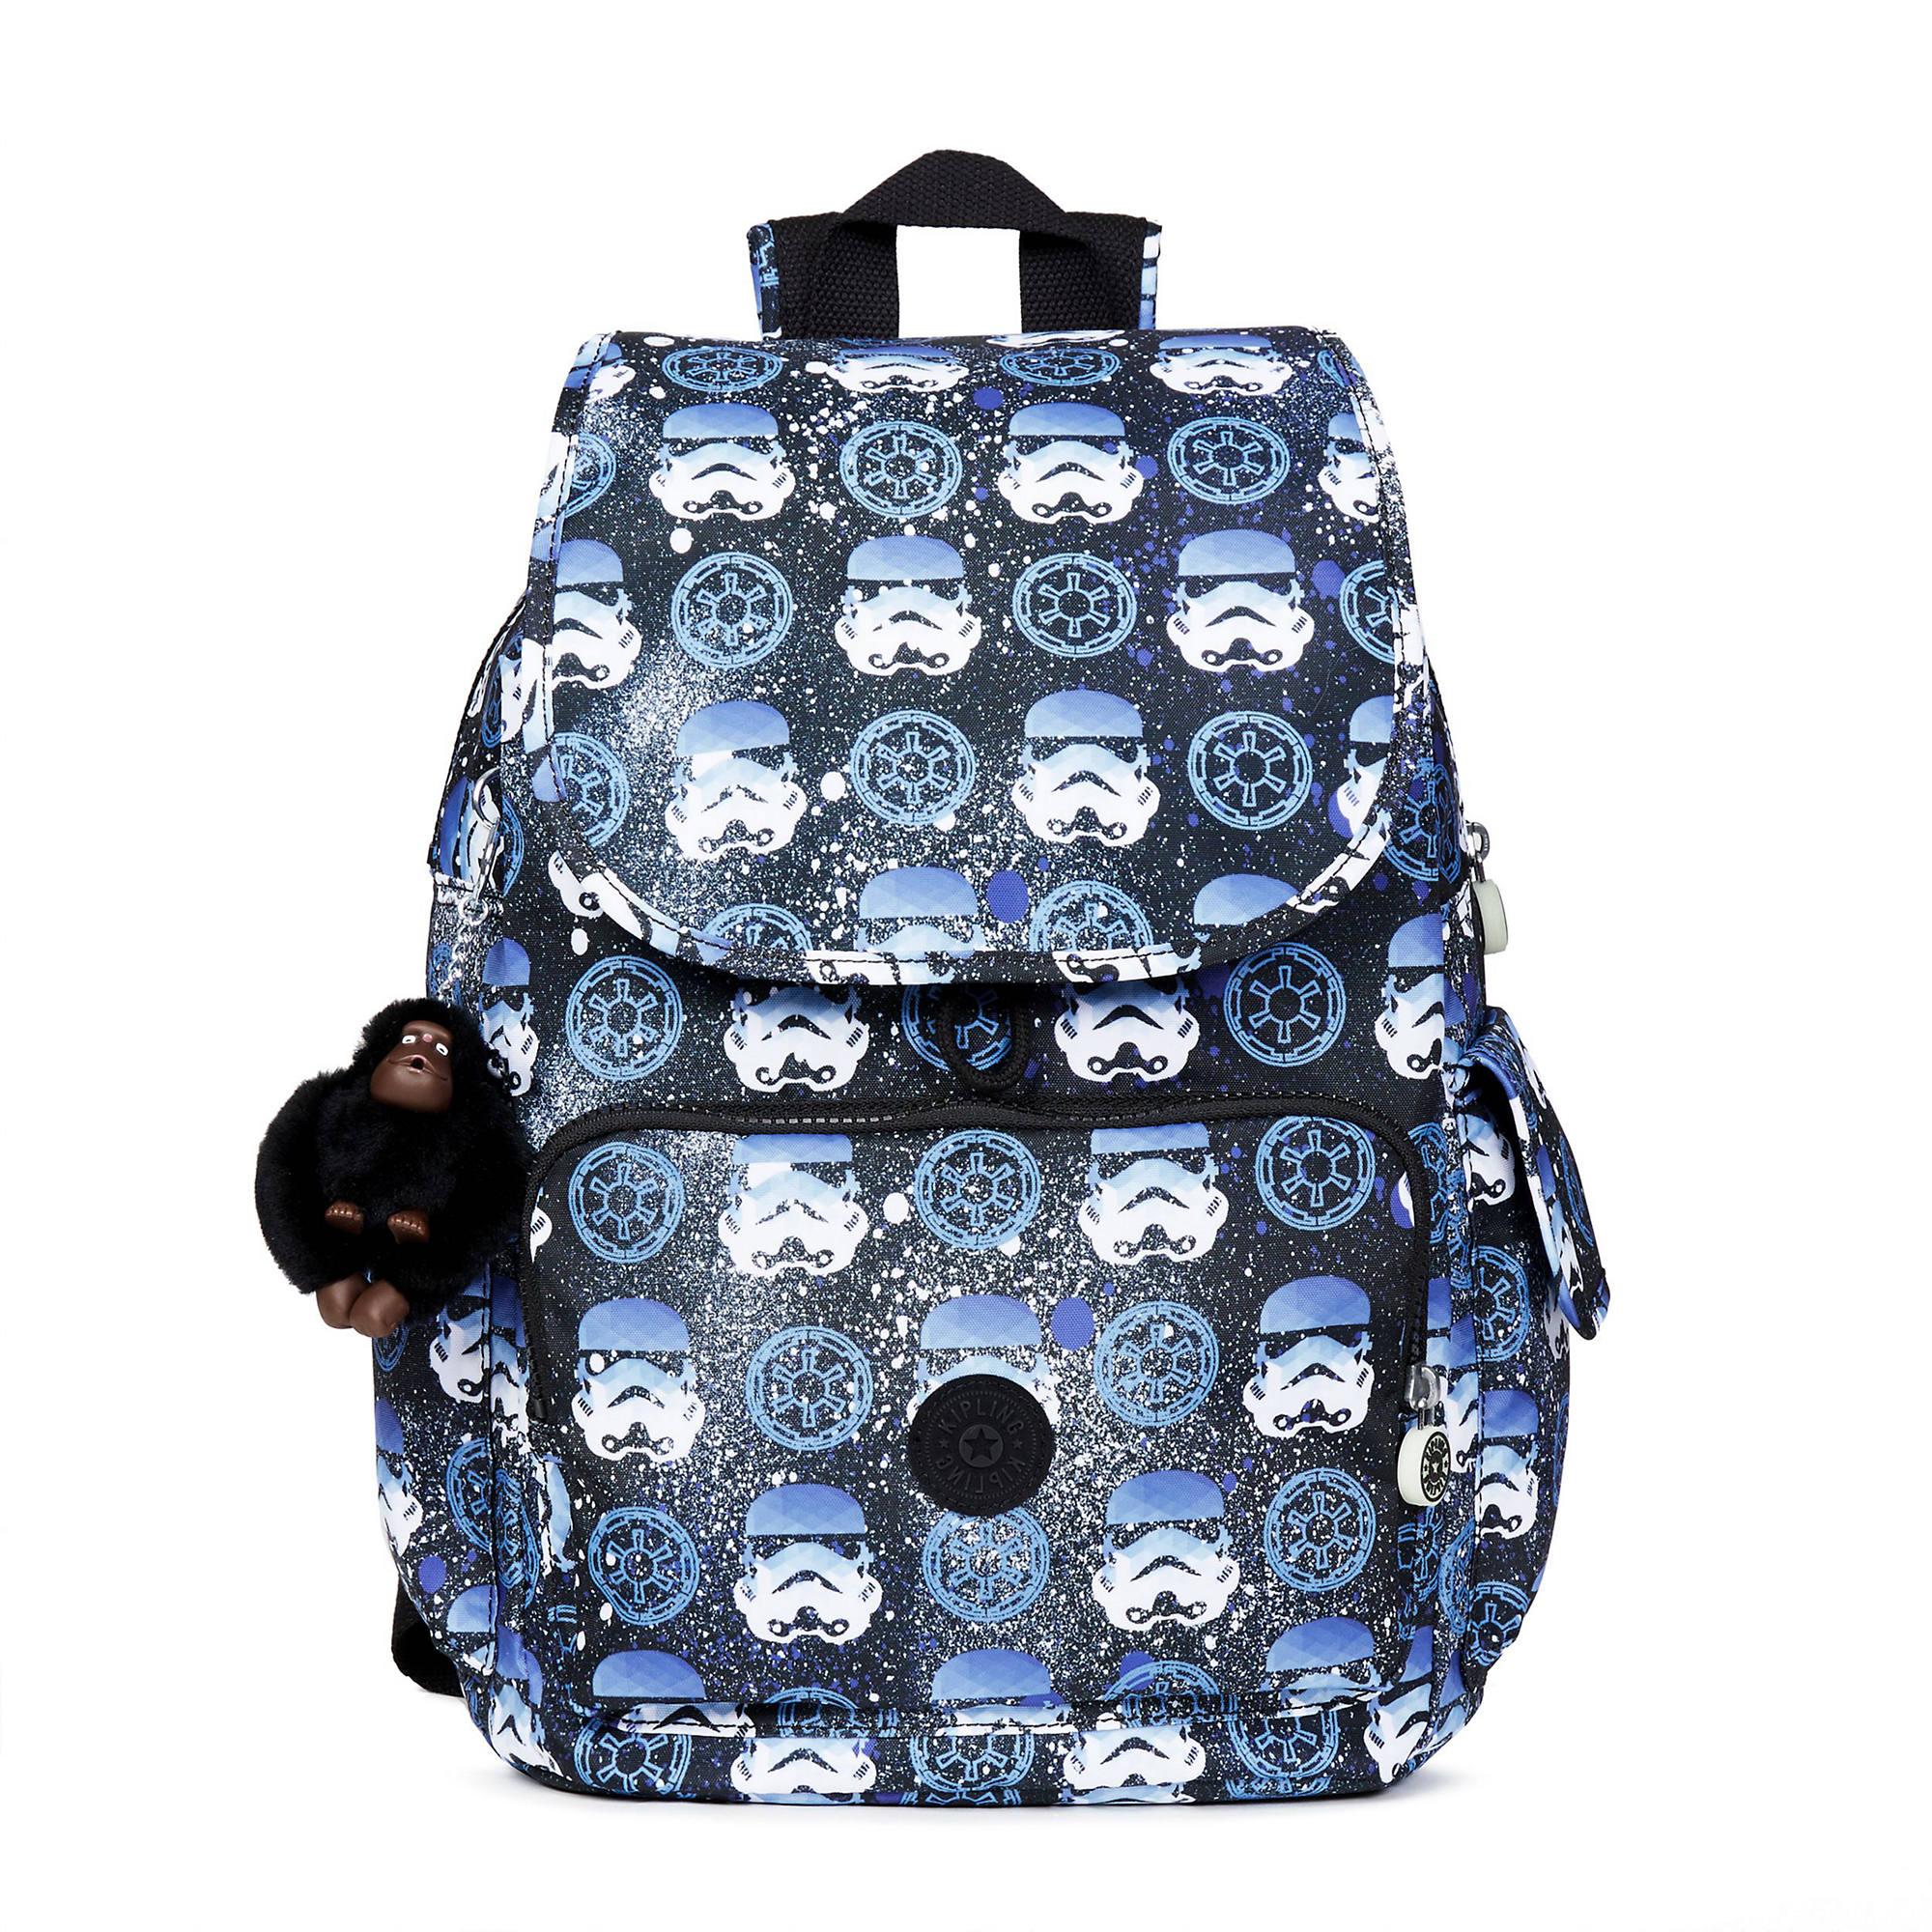 star-wars-backpack.jpg